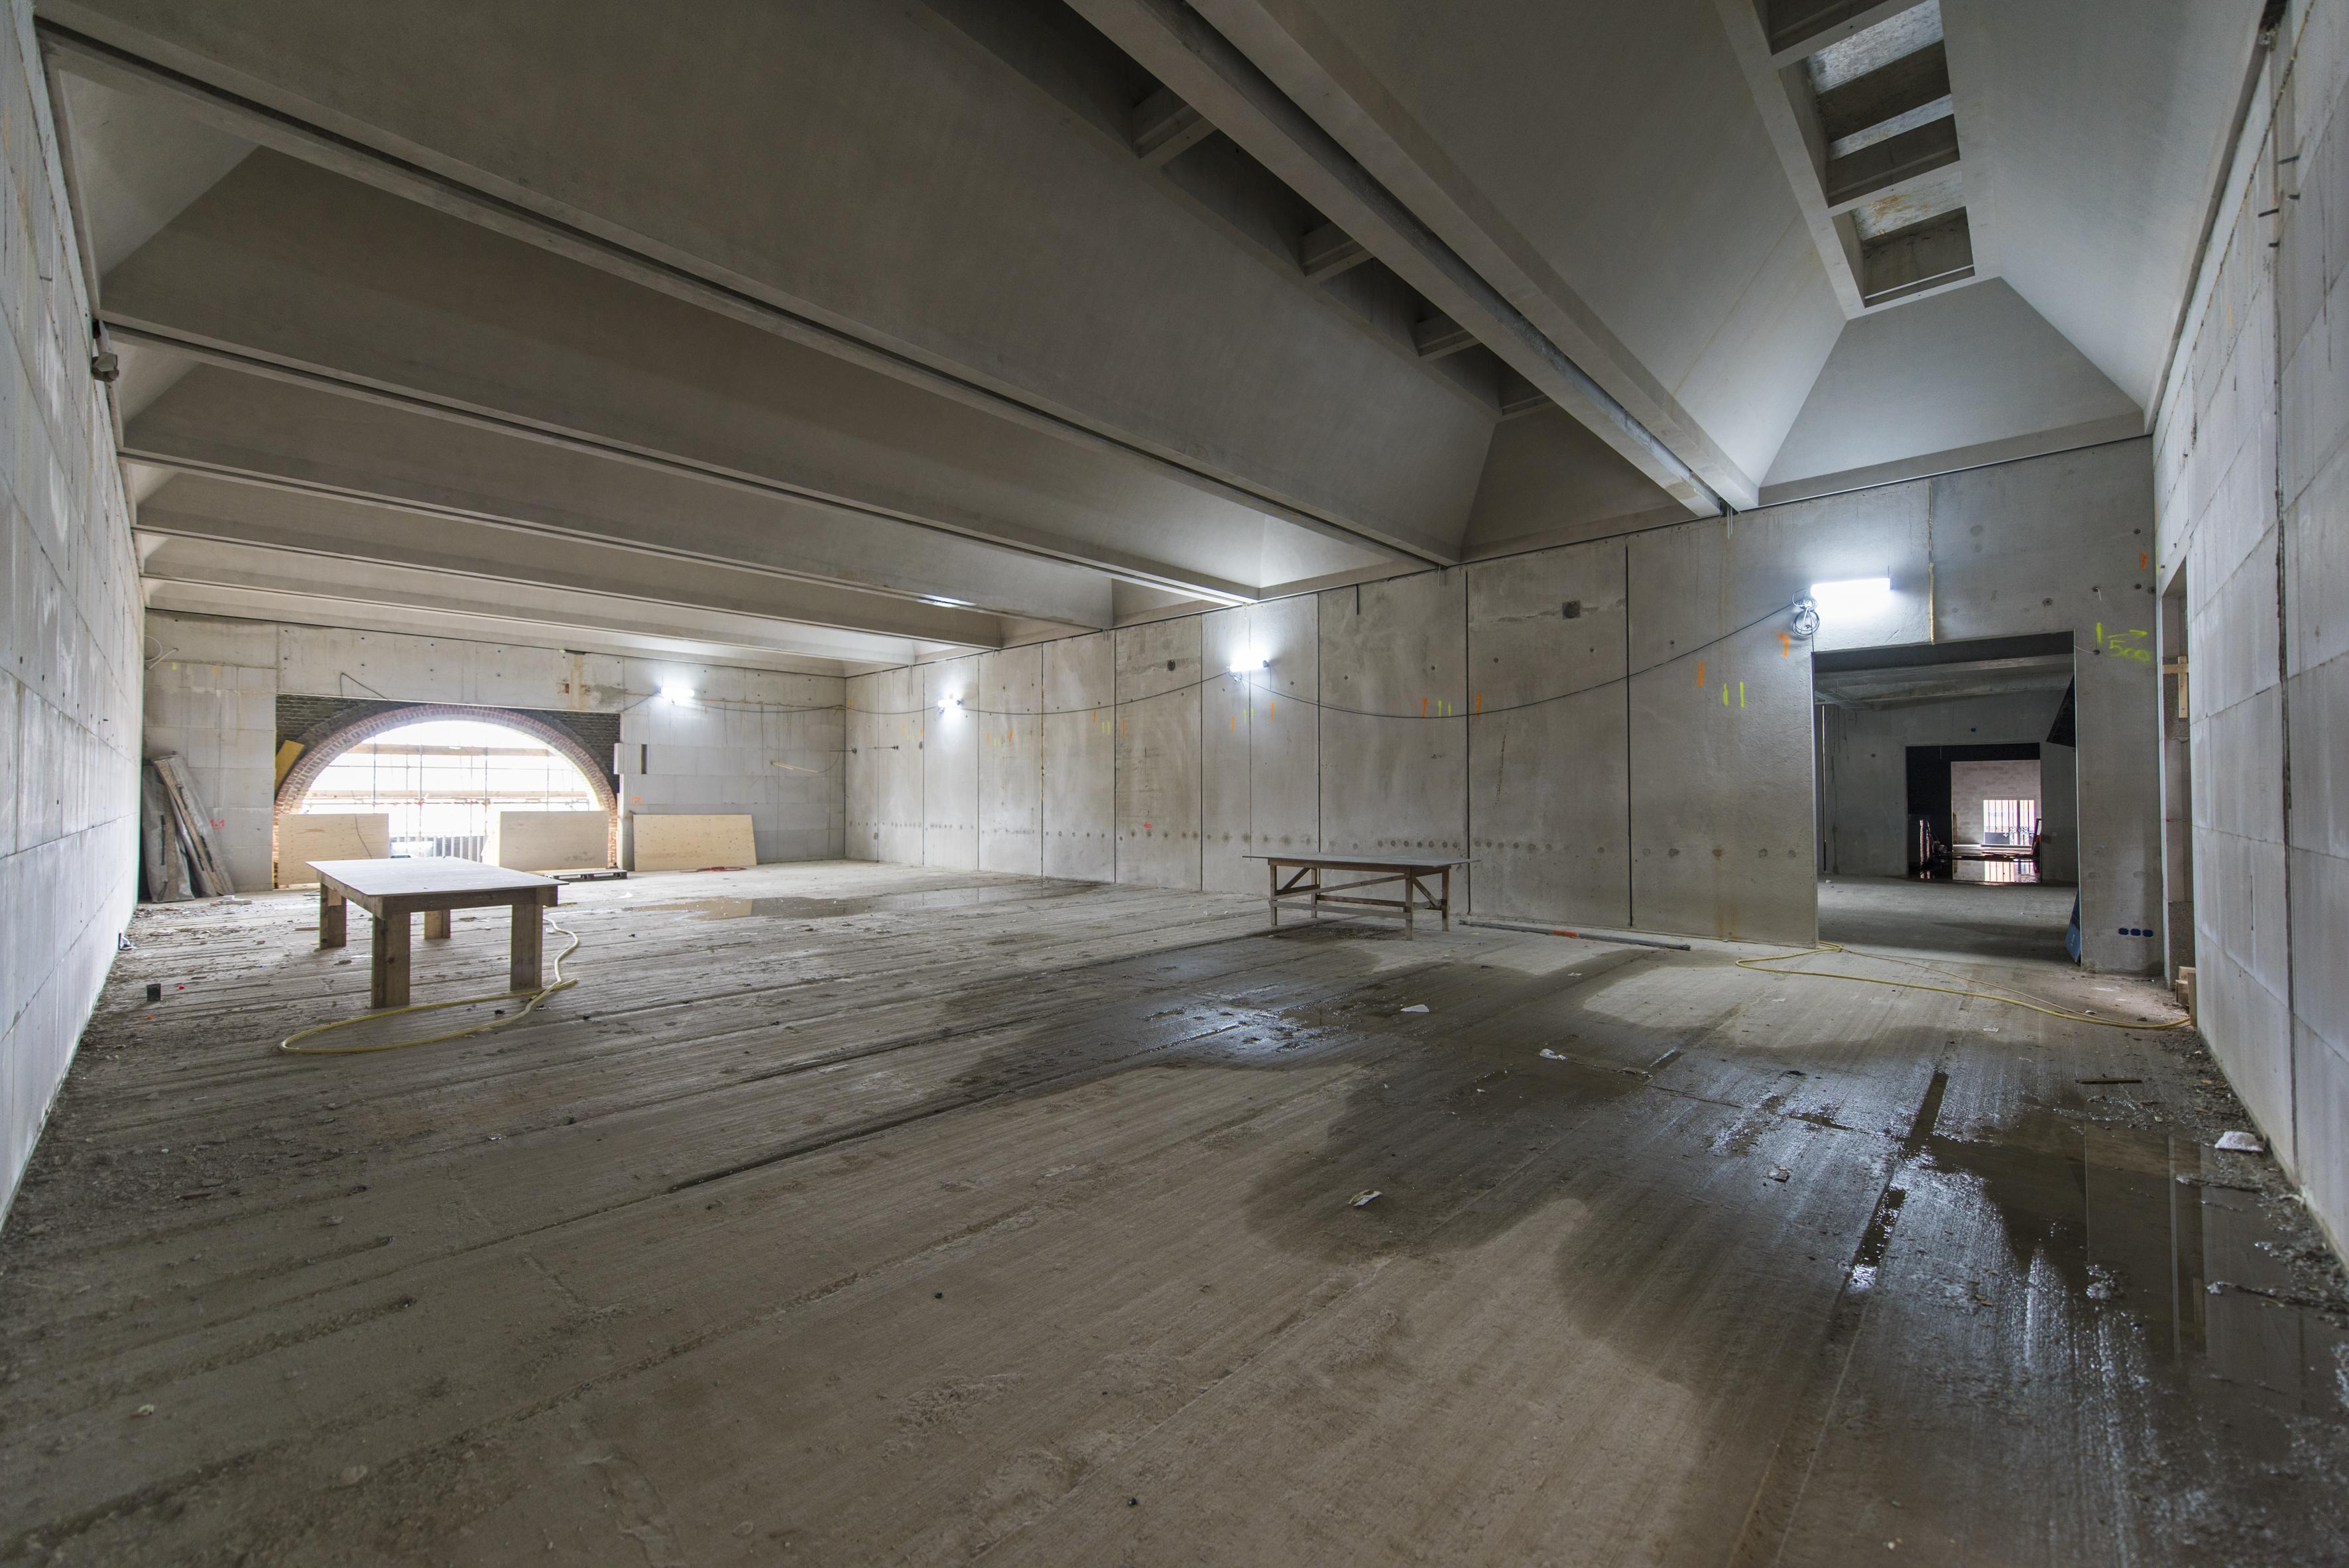 De grootste van de twee nieuwe tentoonstellingszalen van Museum De Lakenhal